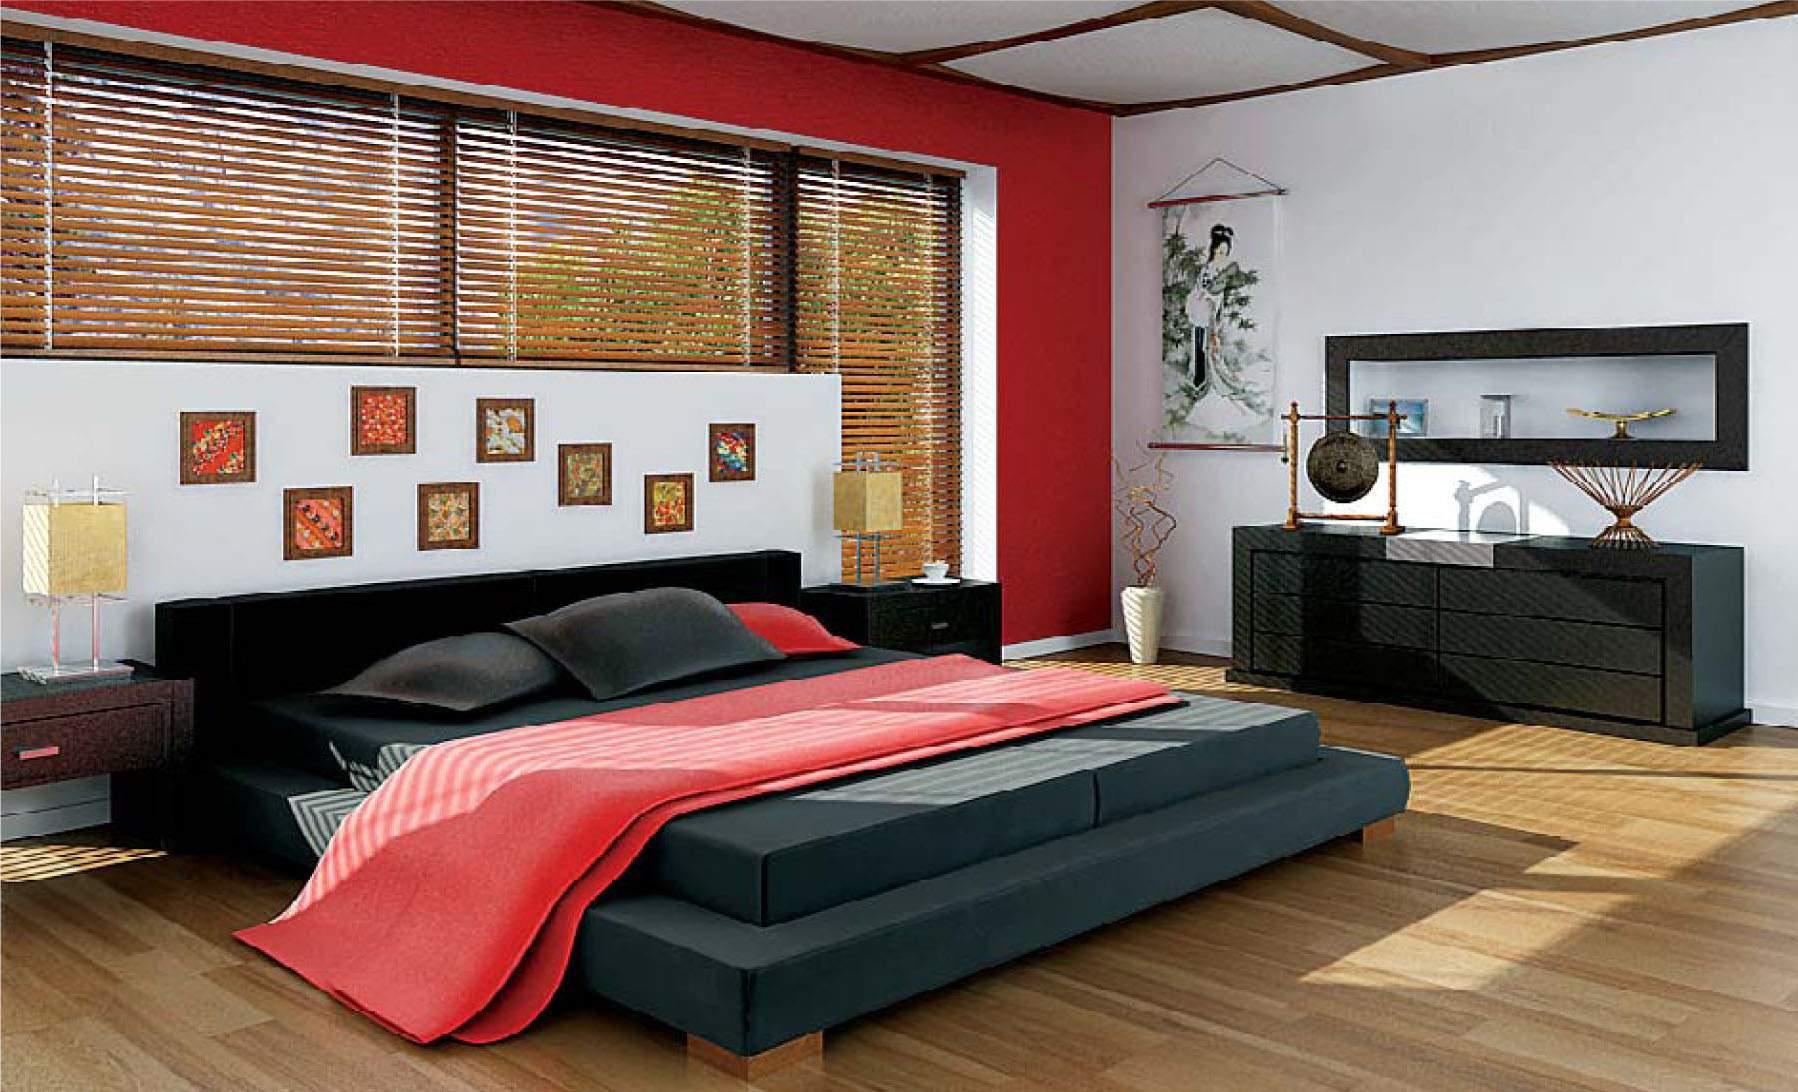 phong cách thiết kế nội thất hiện đại cho phòng ngủ gam màu rực rỡ